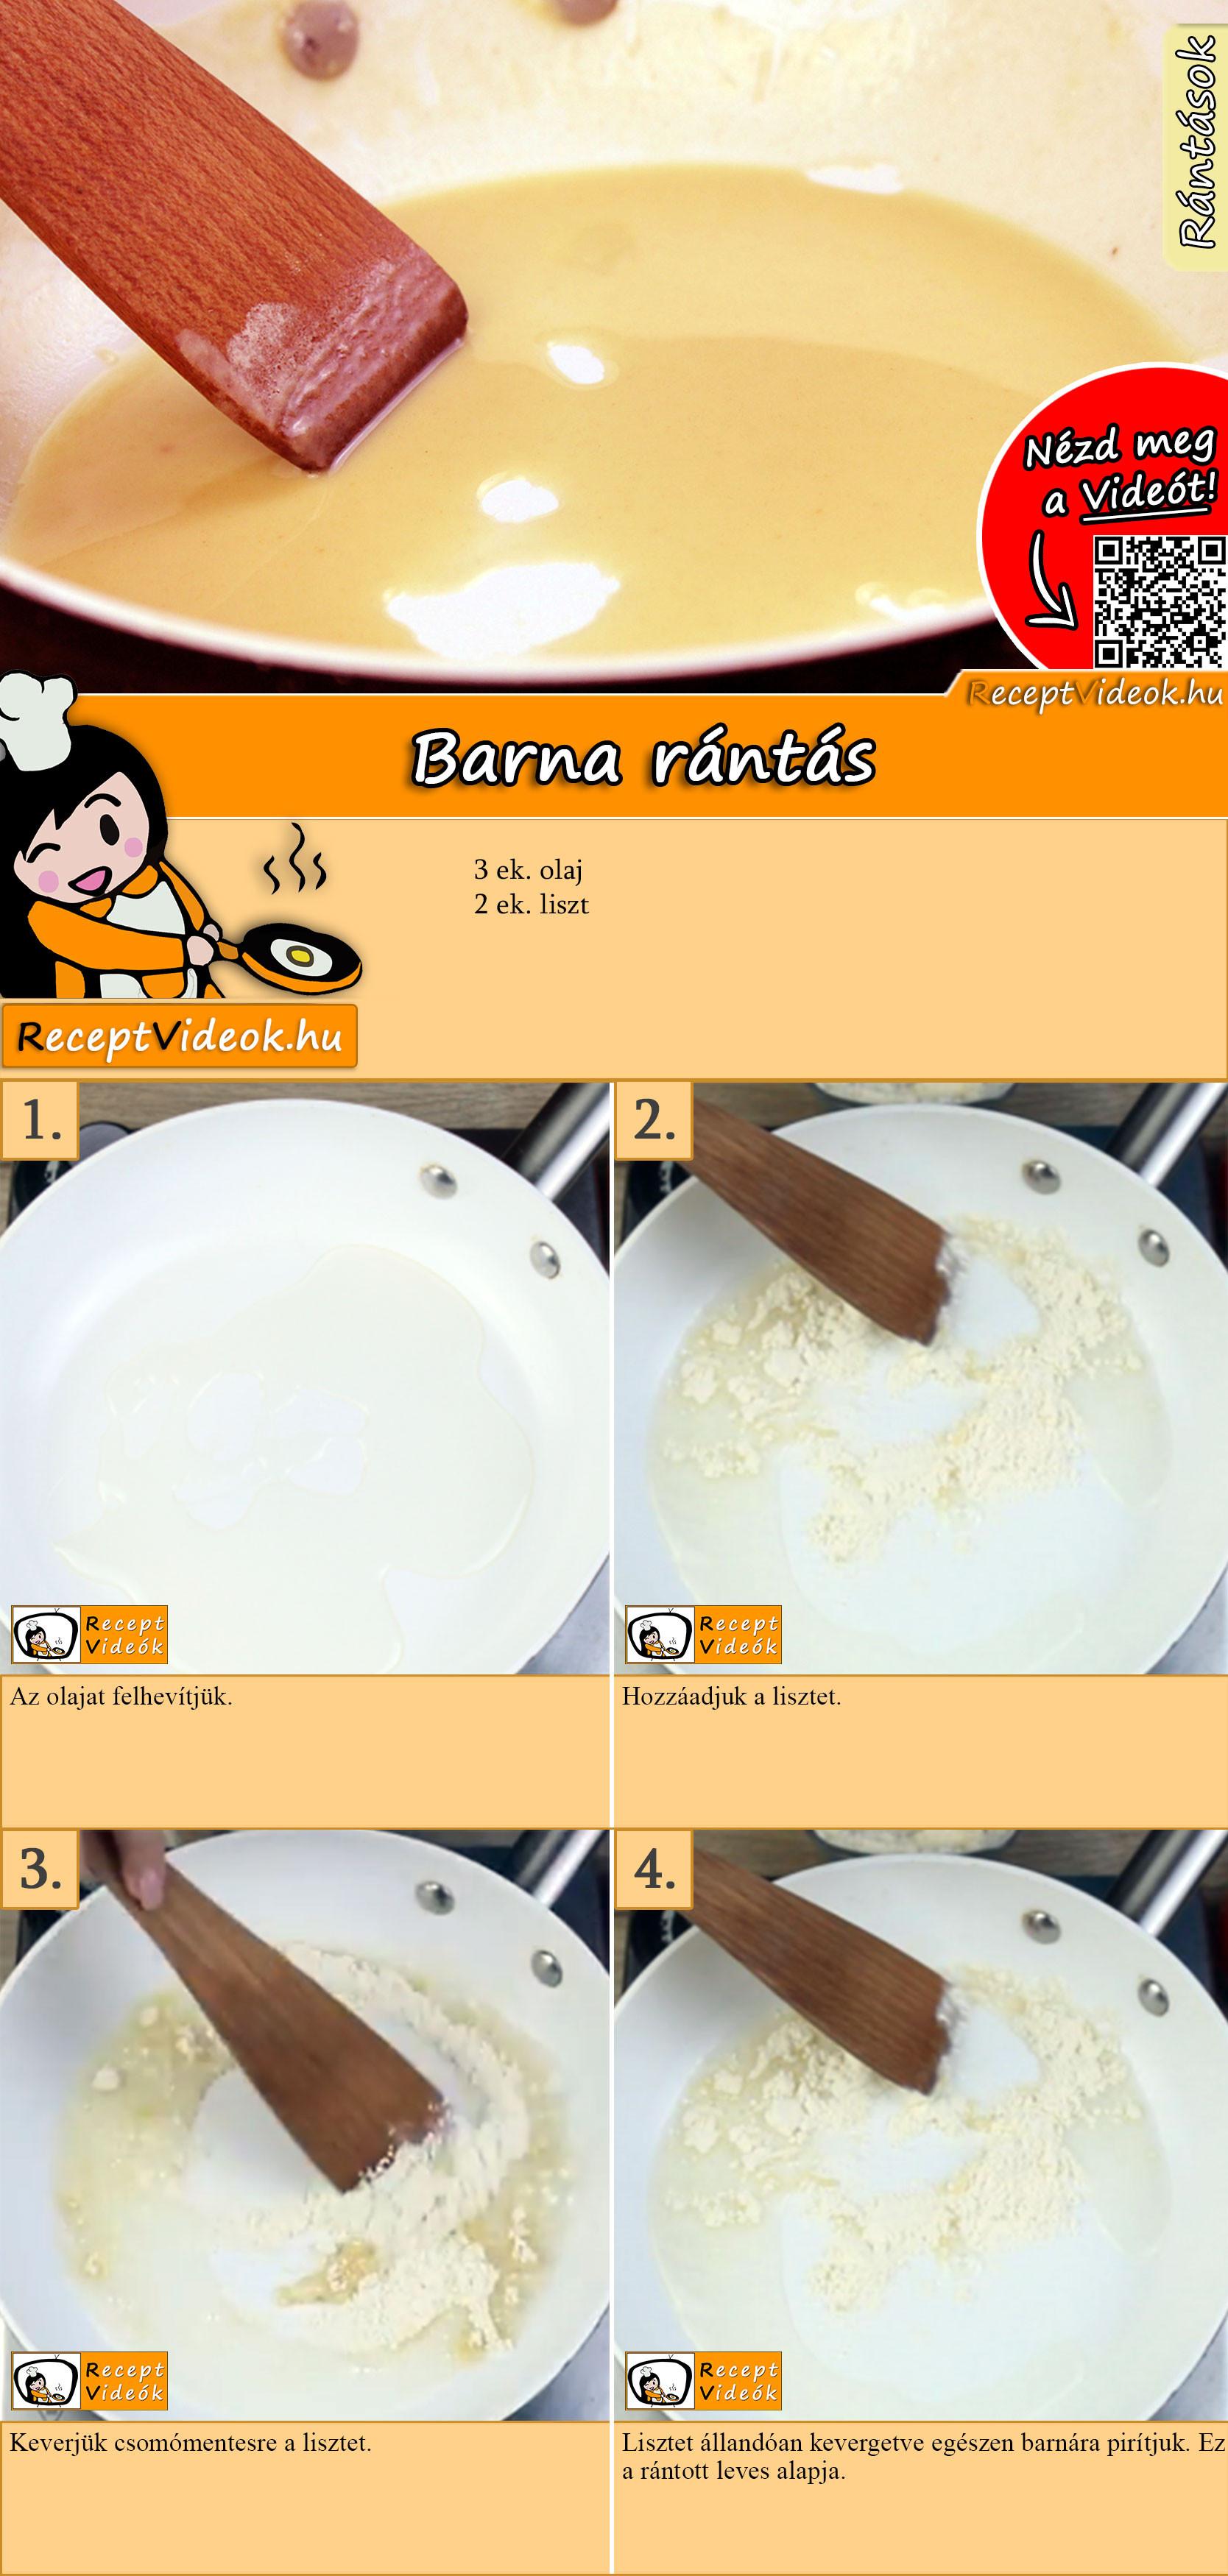 Barna rántás recept elkészítése videóval